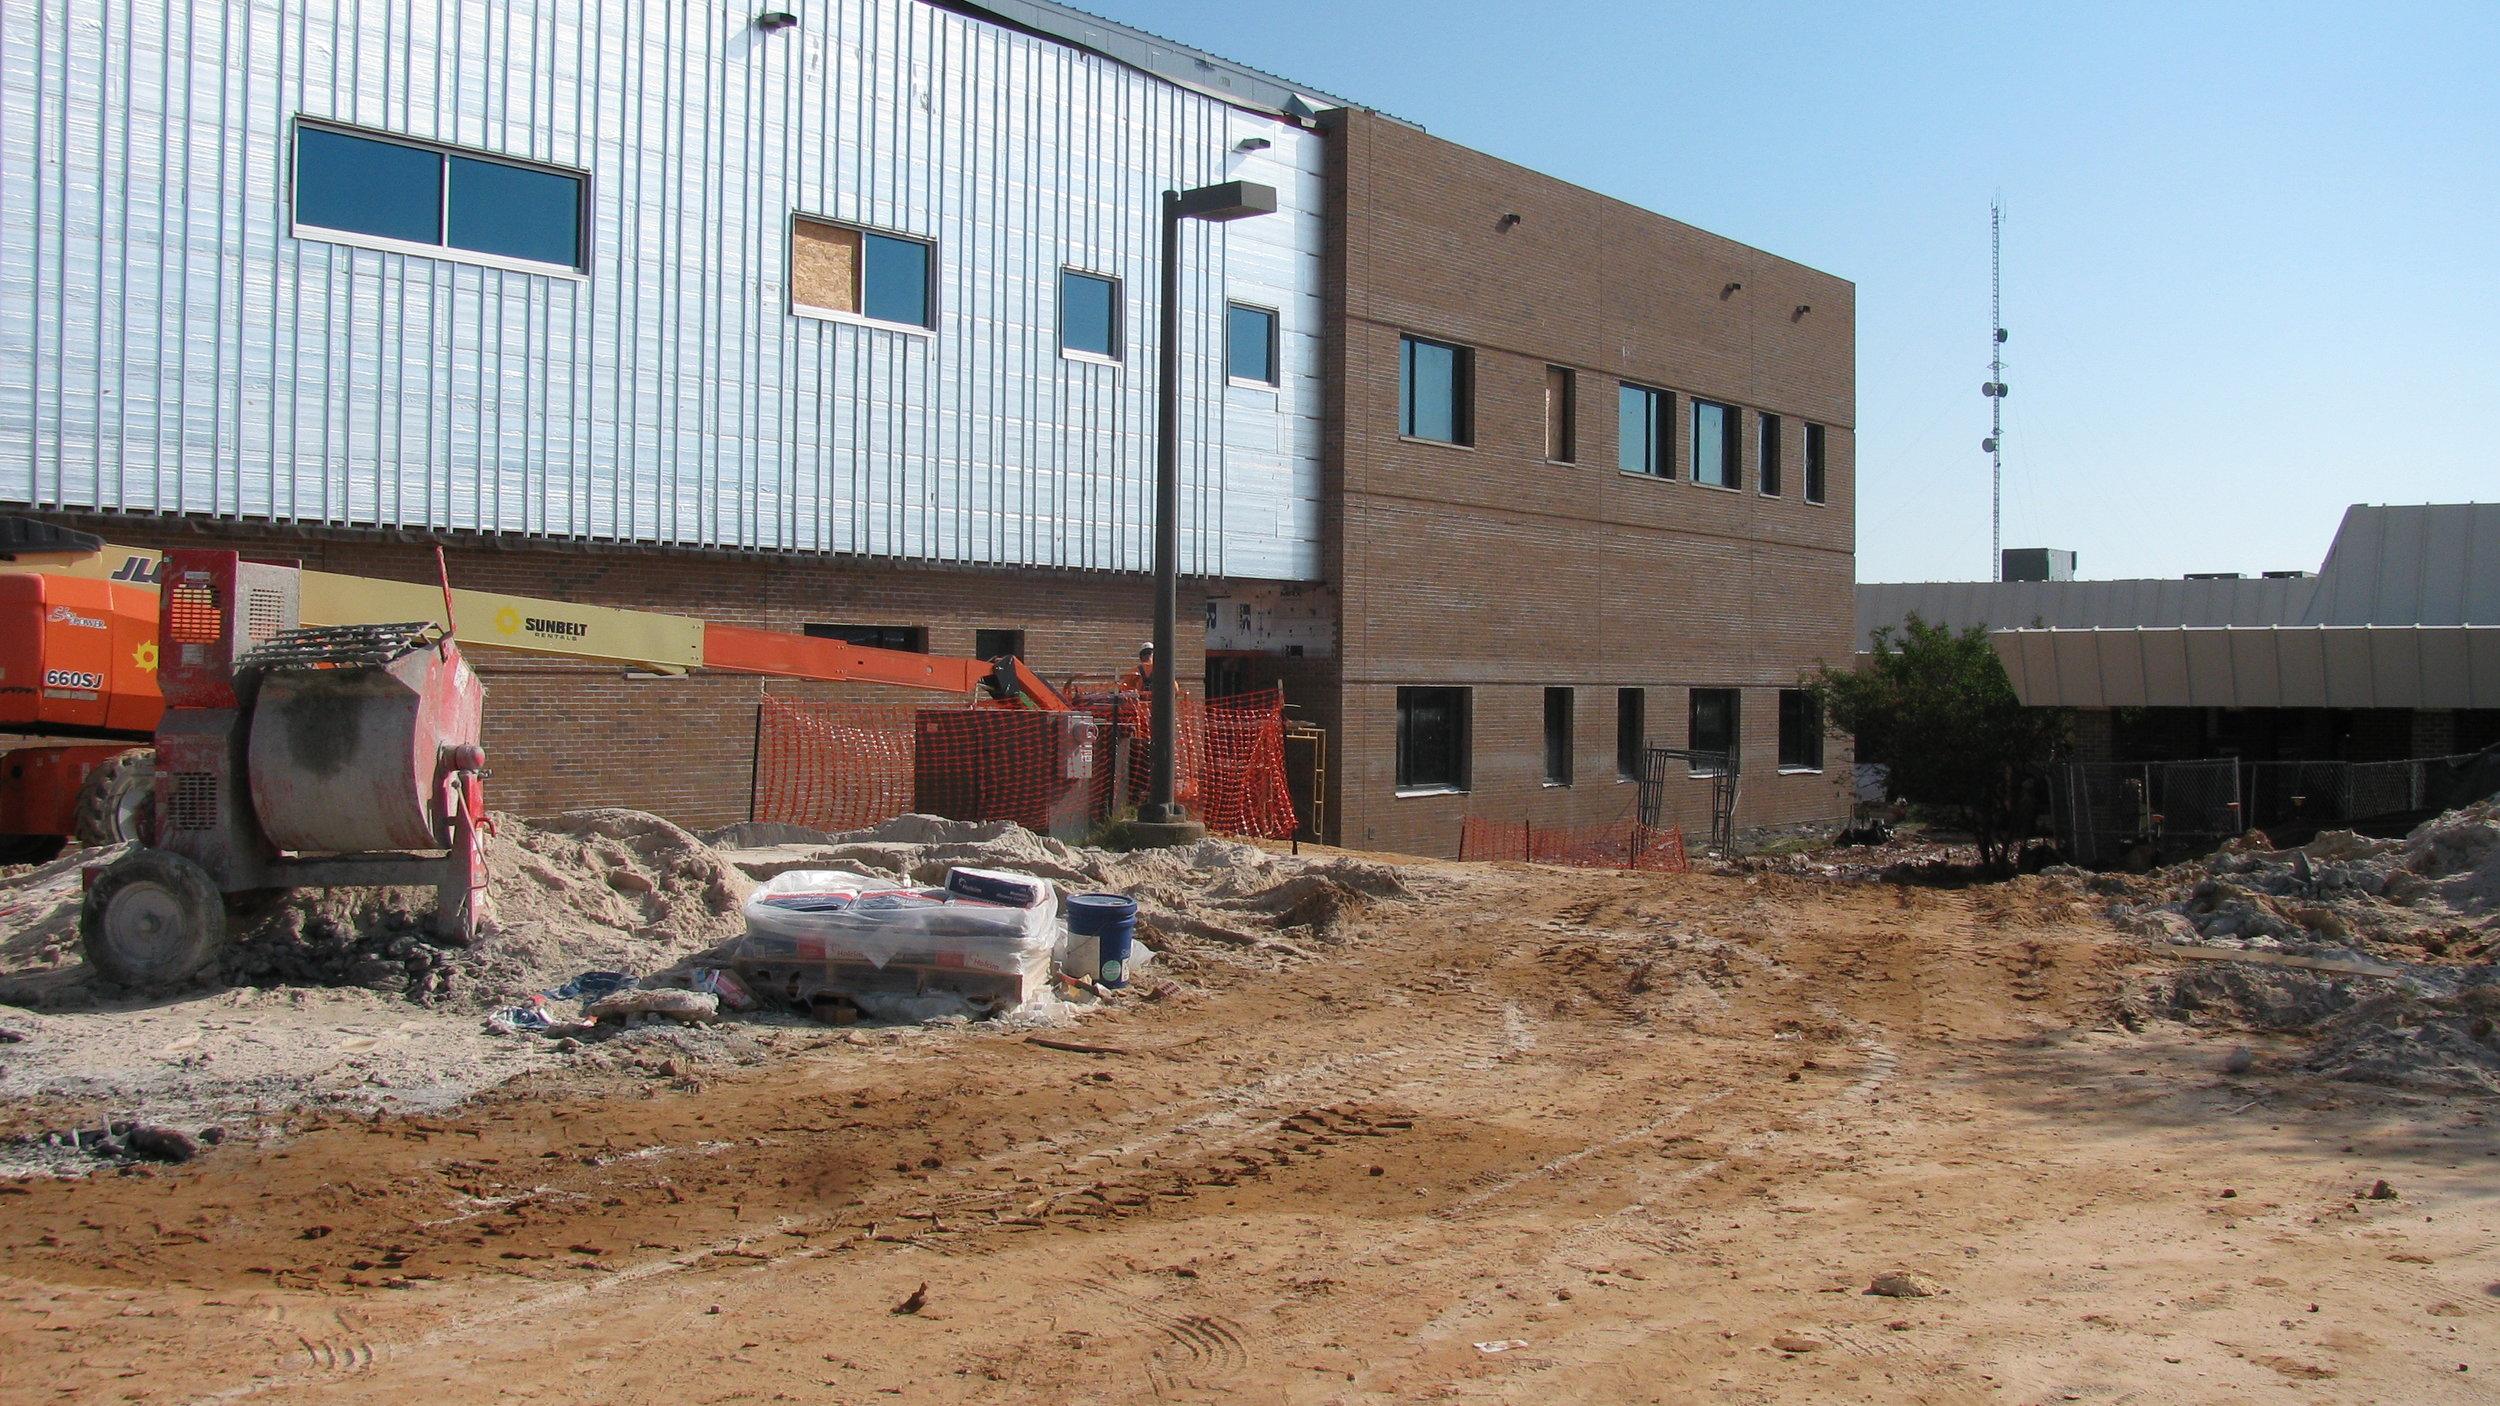 Orangeburg-Calhoun Tech Nursing Building